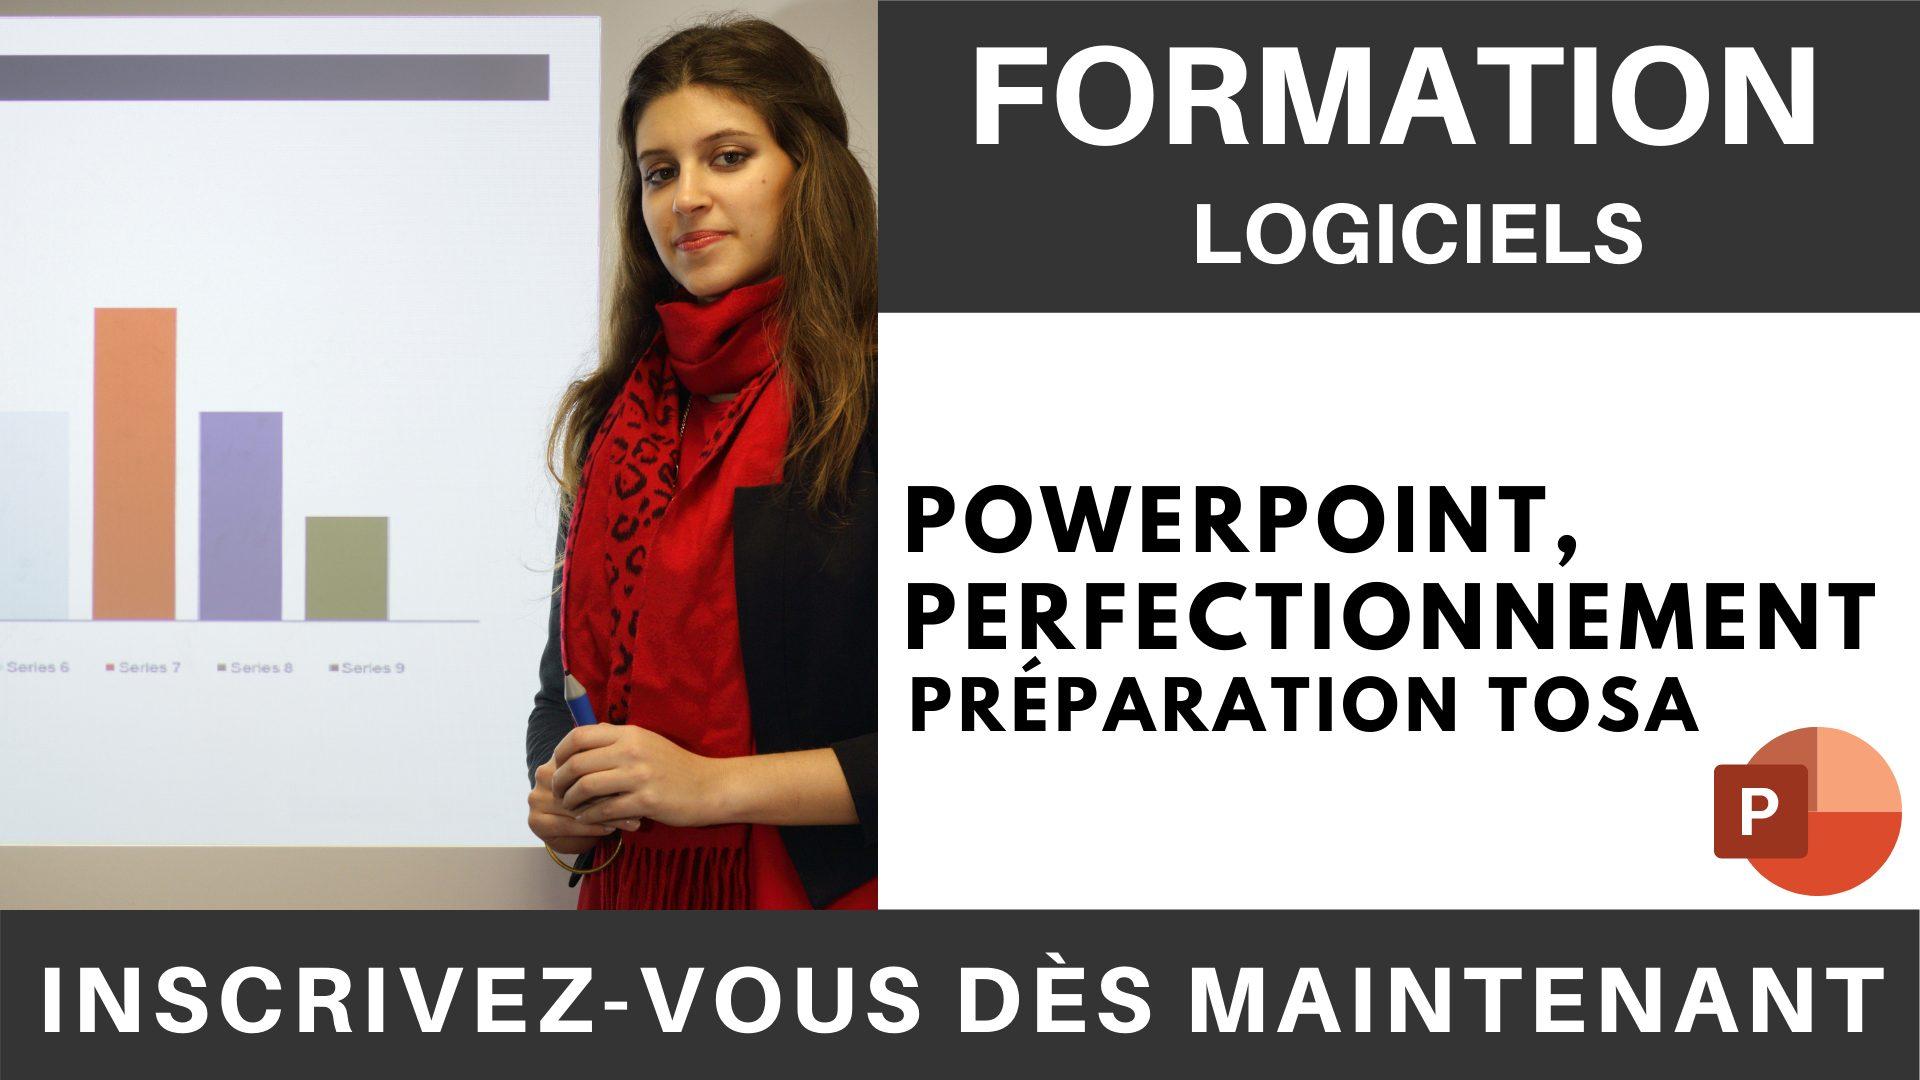 Formation LOGICIEL - PowerPoint, Perfectionnement - Préparation TOSA